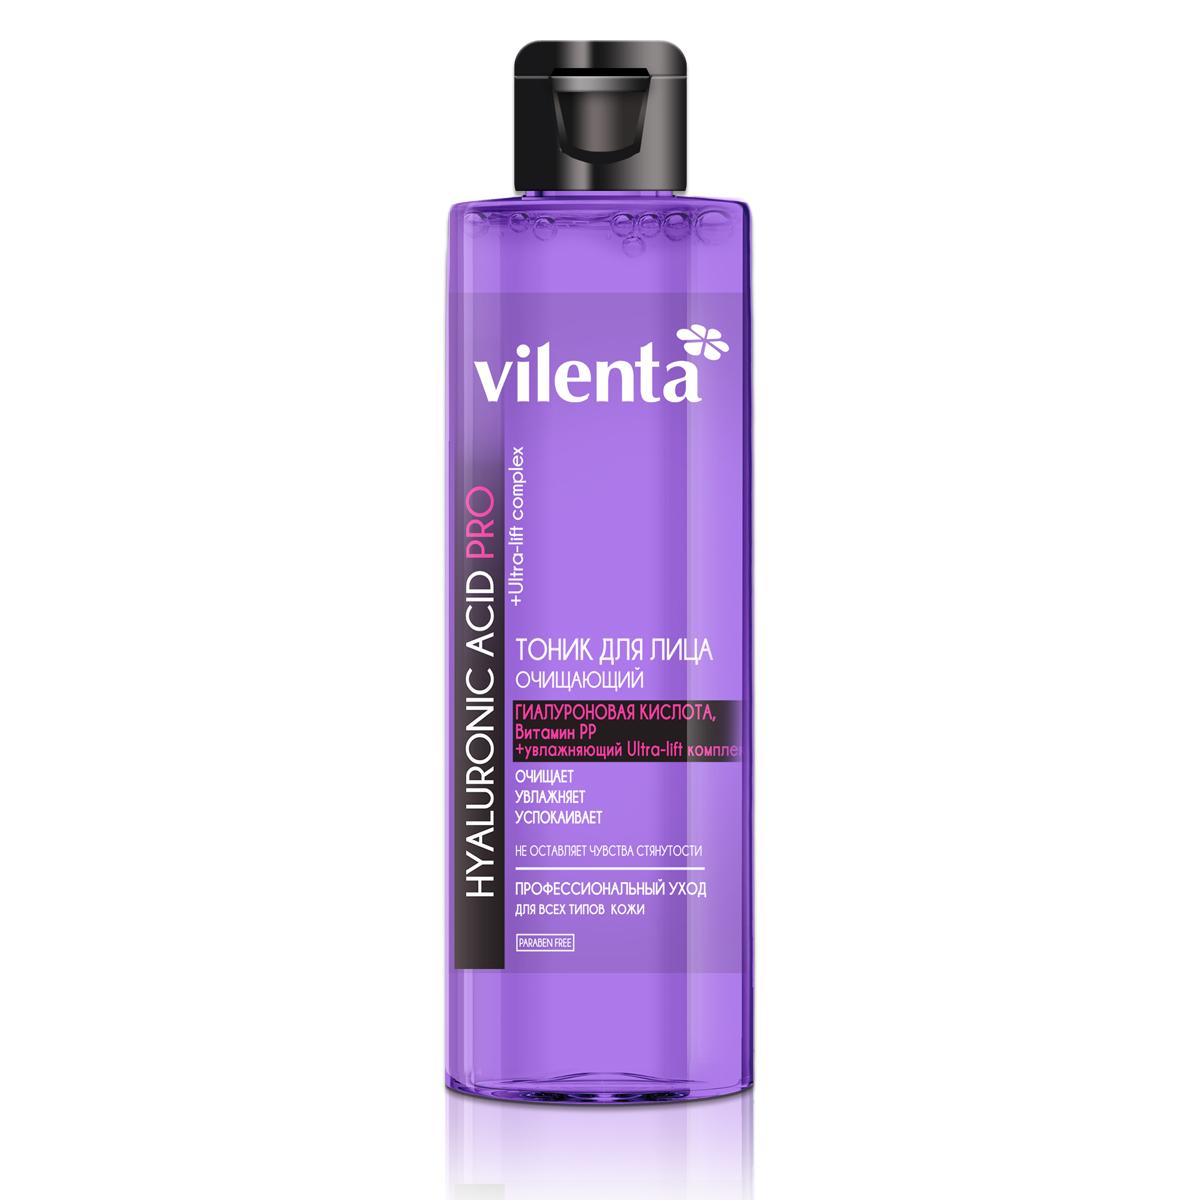 Vilenta Тоник для лица Очищающий Hyaluronic Acid Pro, 200 мл6029Легкая текстура тоника, за счёт содержания гиалуроновой кислоты и увлажняющего комплекса, восстанавливает комфортный и естественный баланс кожи. Витамин РР, входящий в состав тоника, оказывает противовоспалительное и очищающее действие, препятствует появлению комедонов. Комплекс морских водорослей повышает упругость и эластичность кожи.